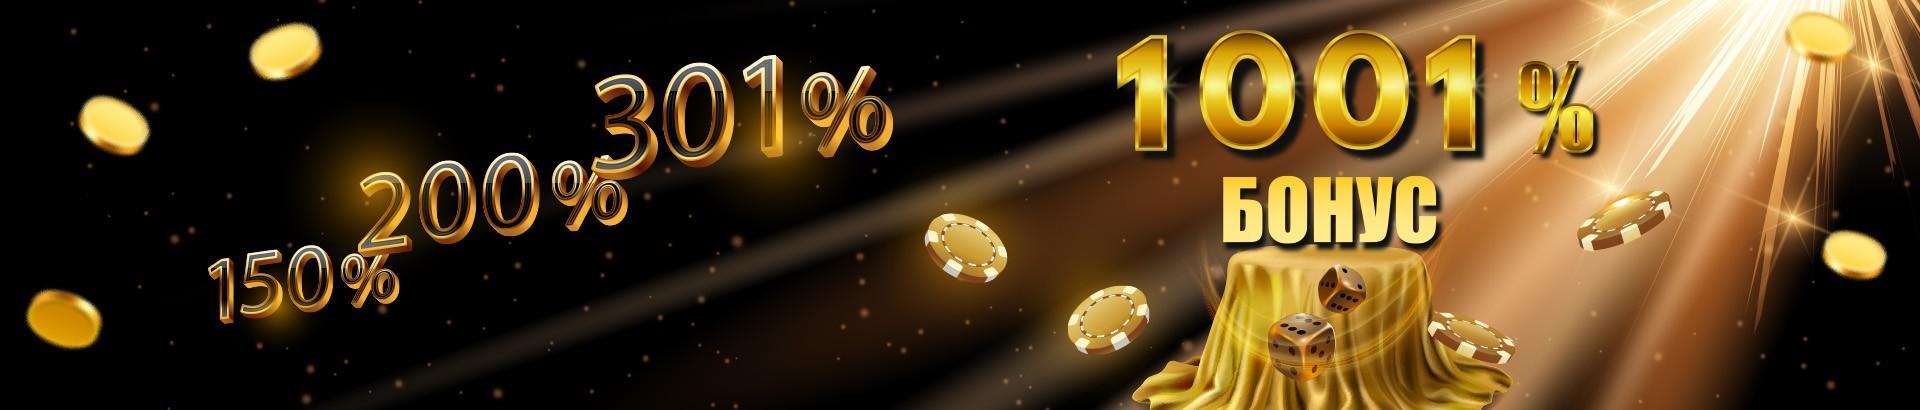 Бонус 1001%